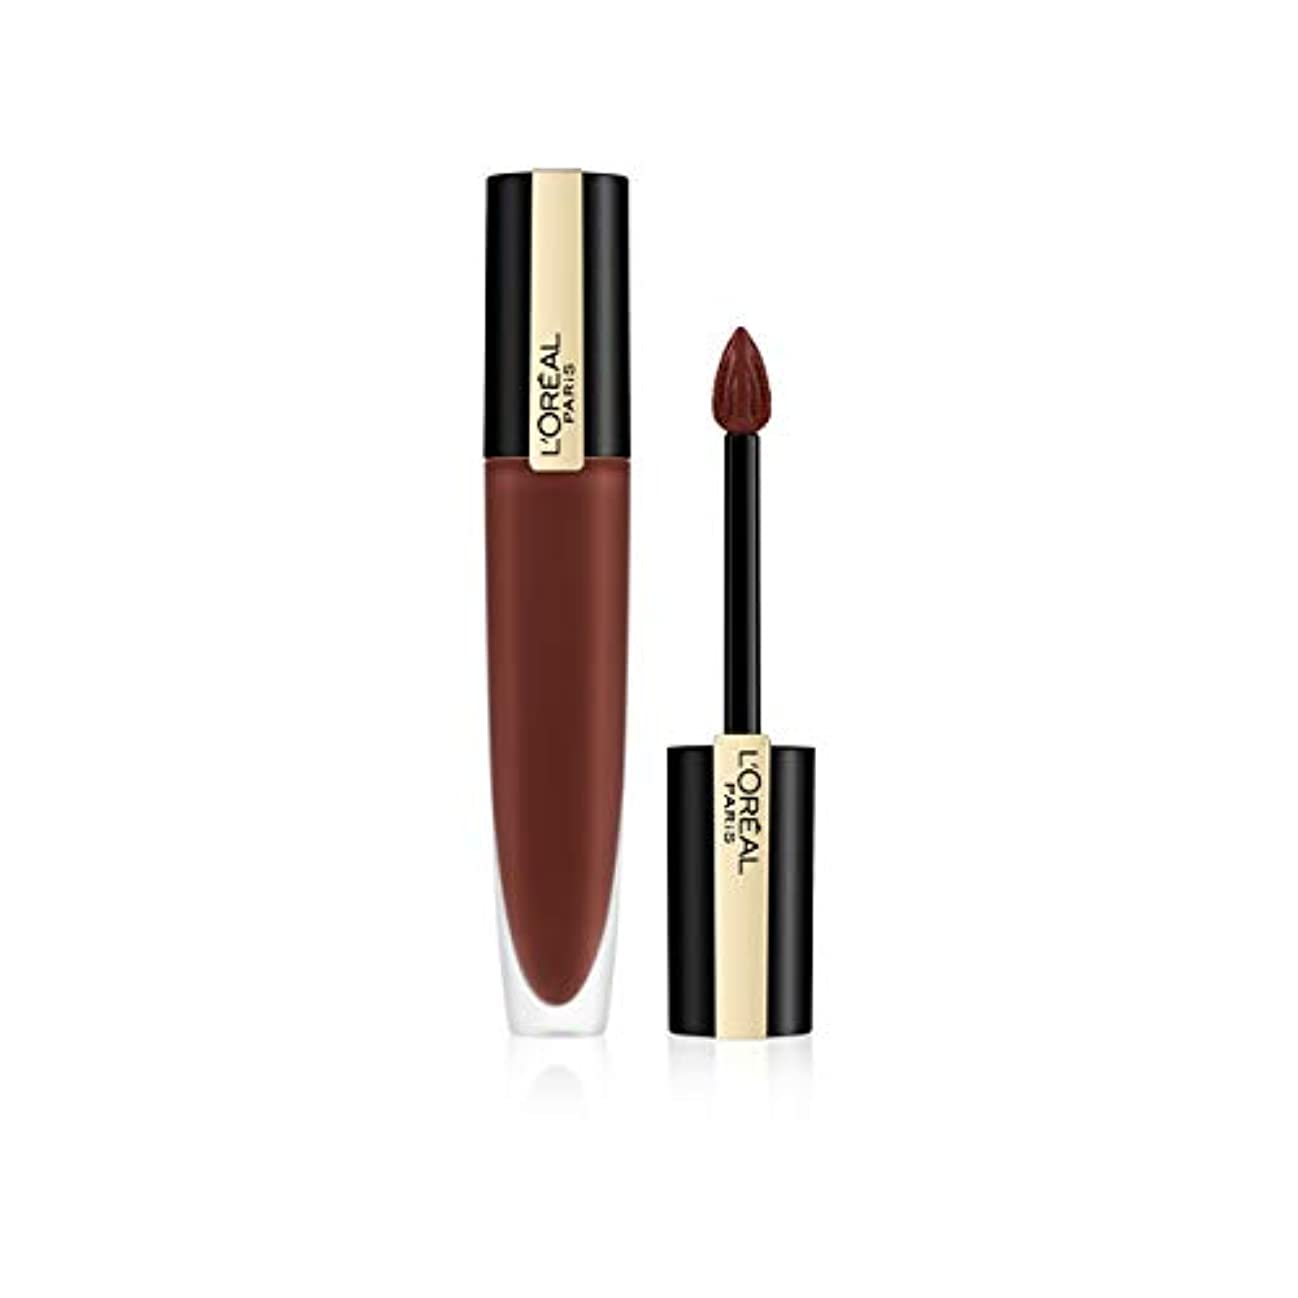 記録農業学部長L'Oreal Paris Rouge Signature Matte Liquid Lipstick,126 I Play, 7g